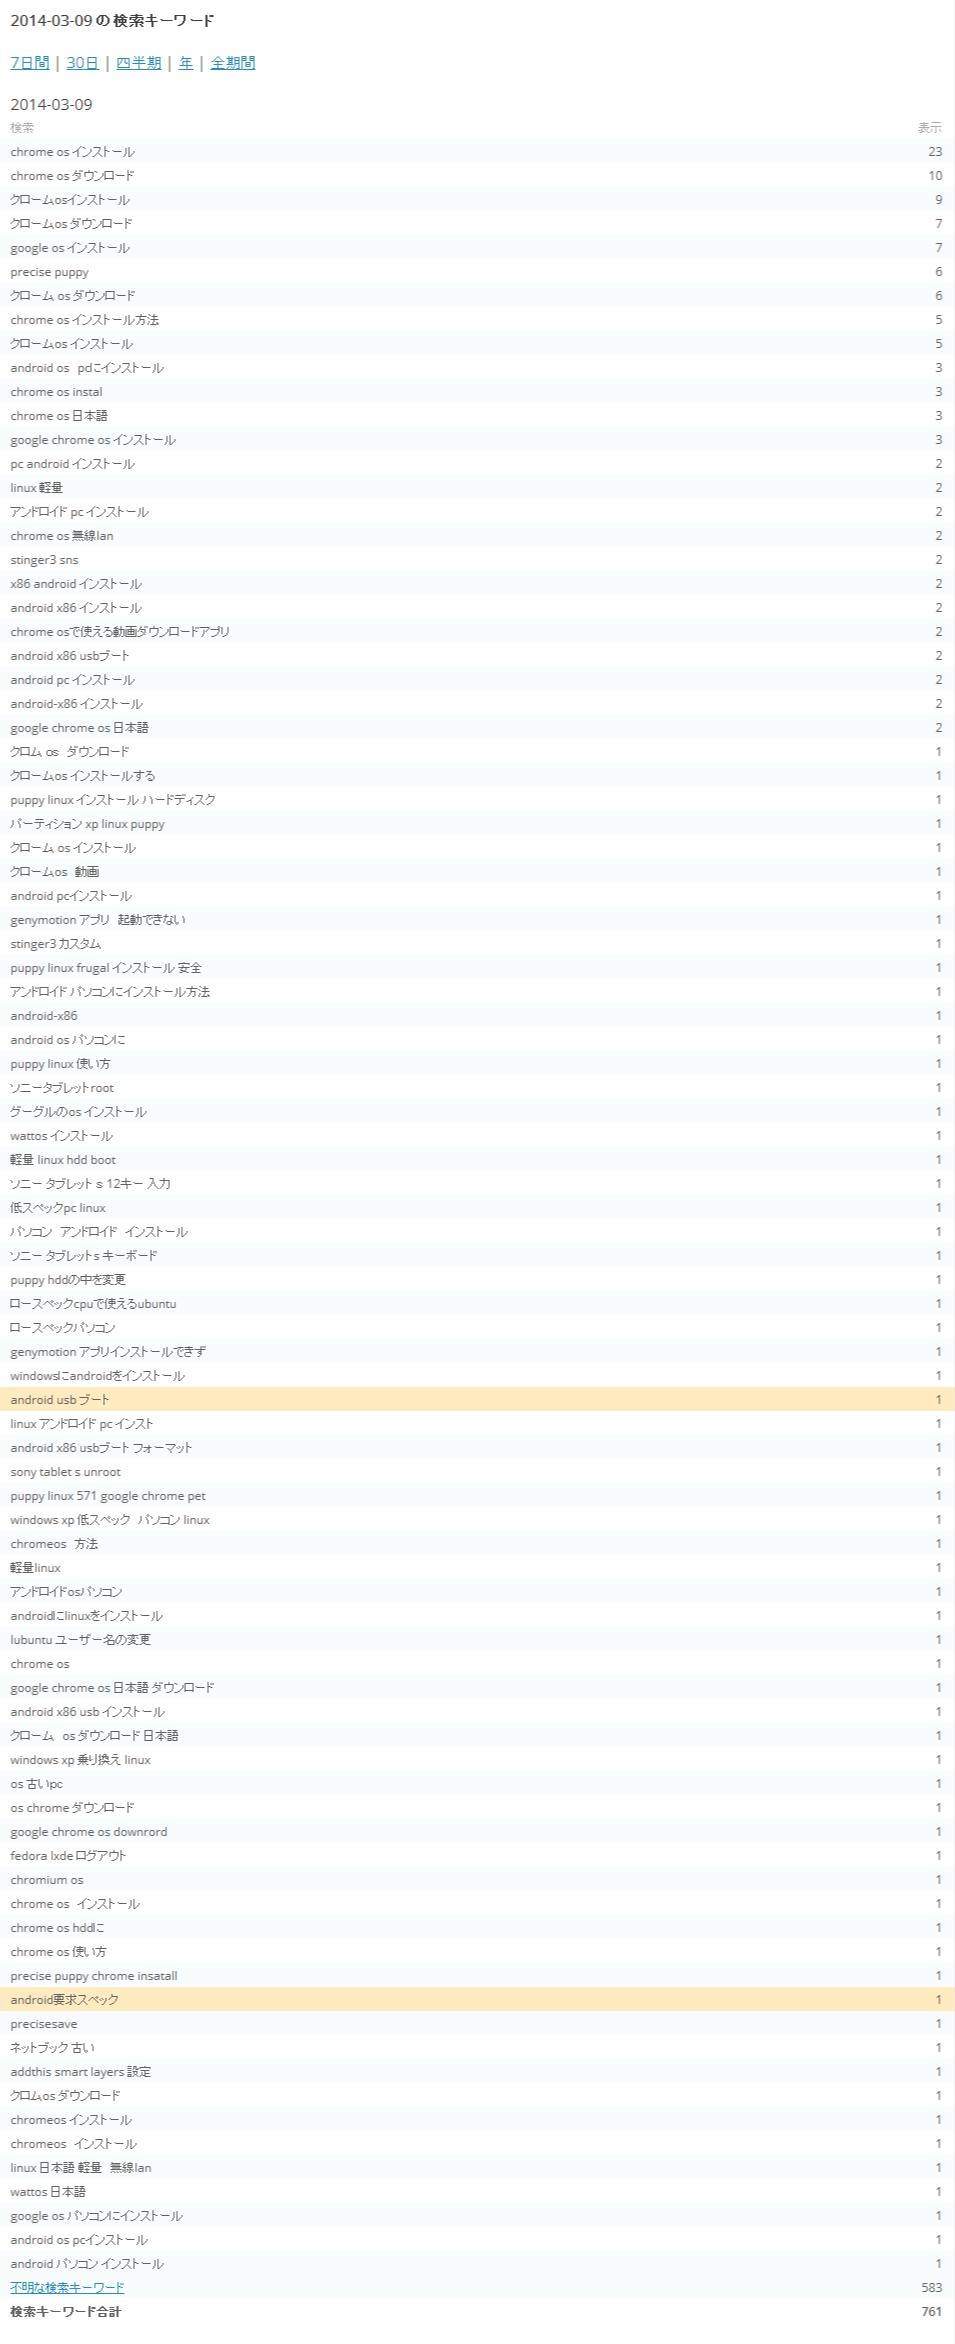 統計情報-WordPress.com_検索キーワード01